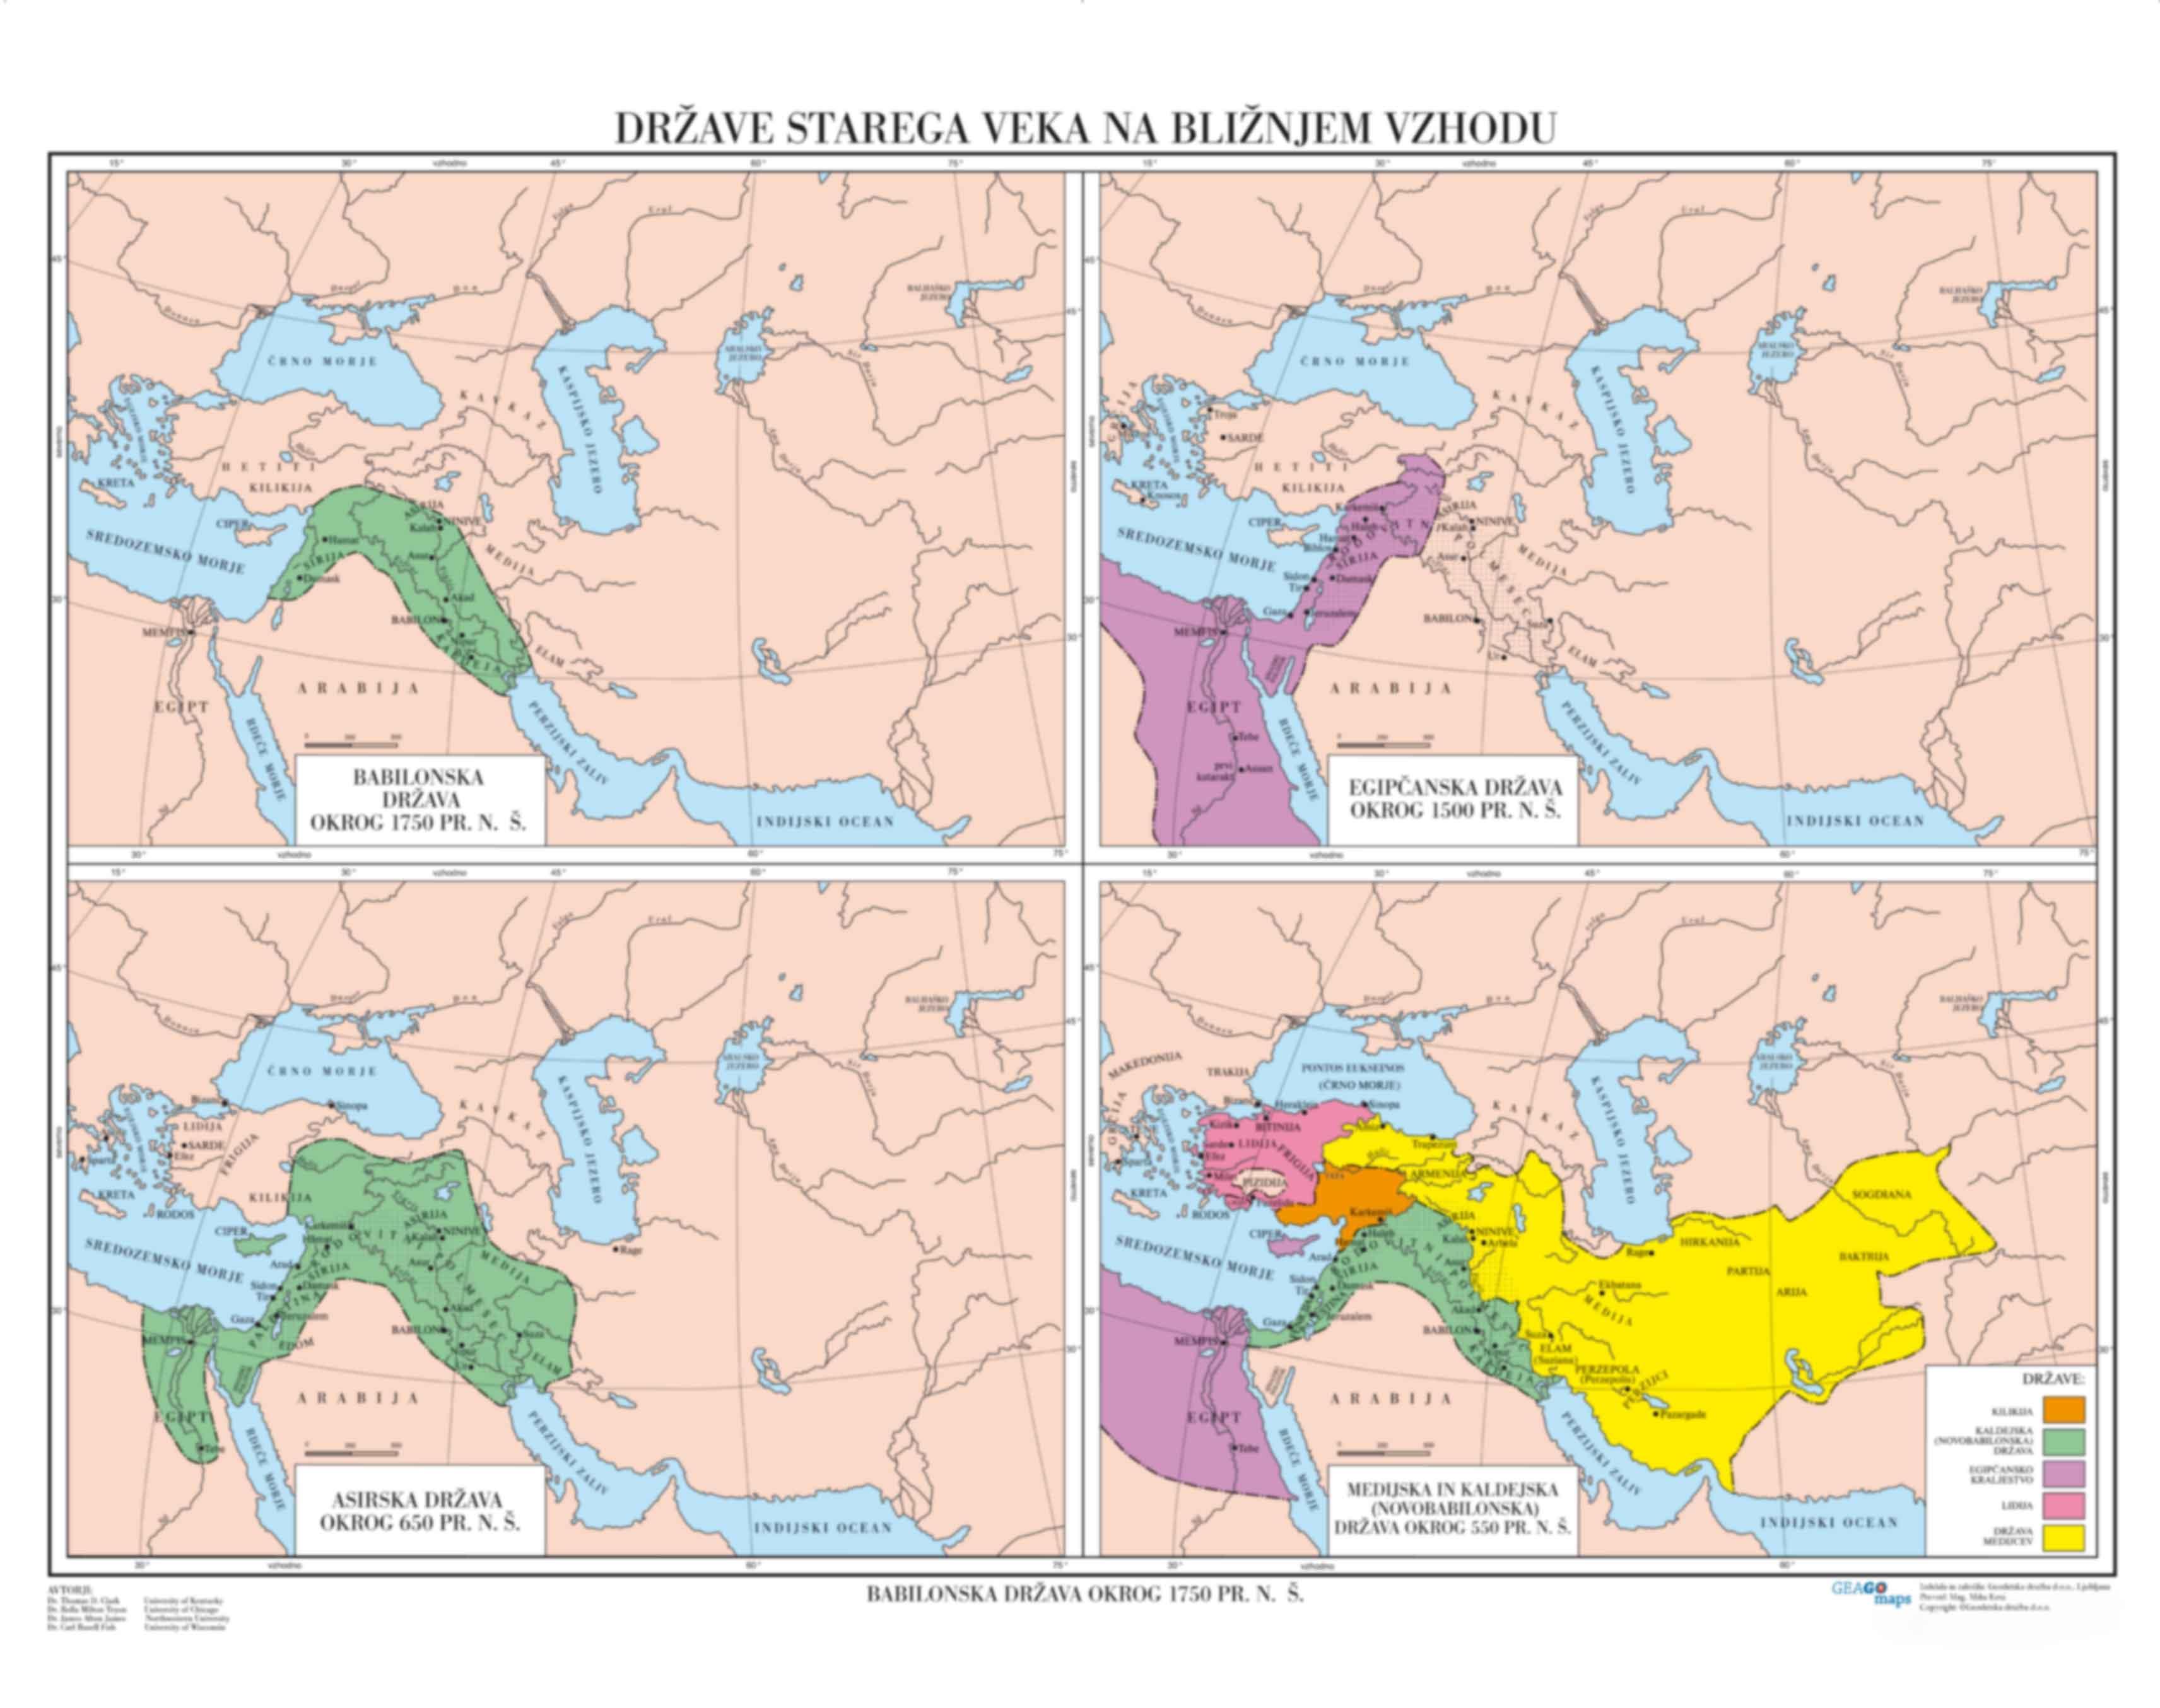 Države starega veka na Bližnjem vzhodu